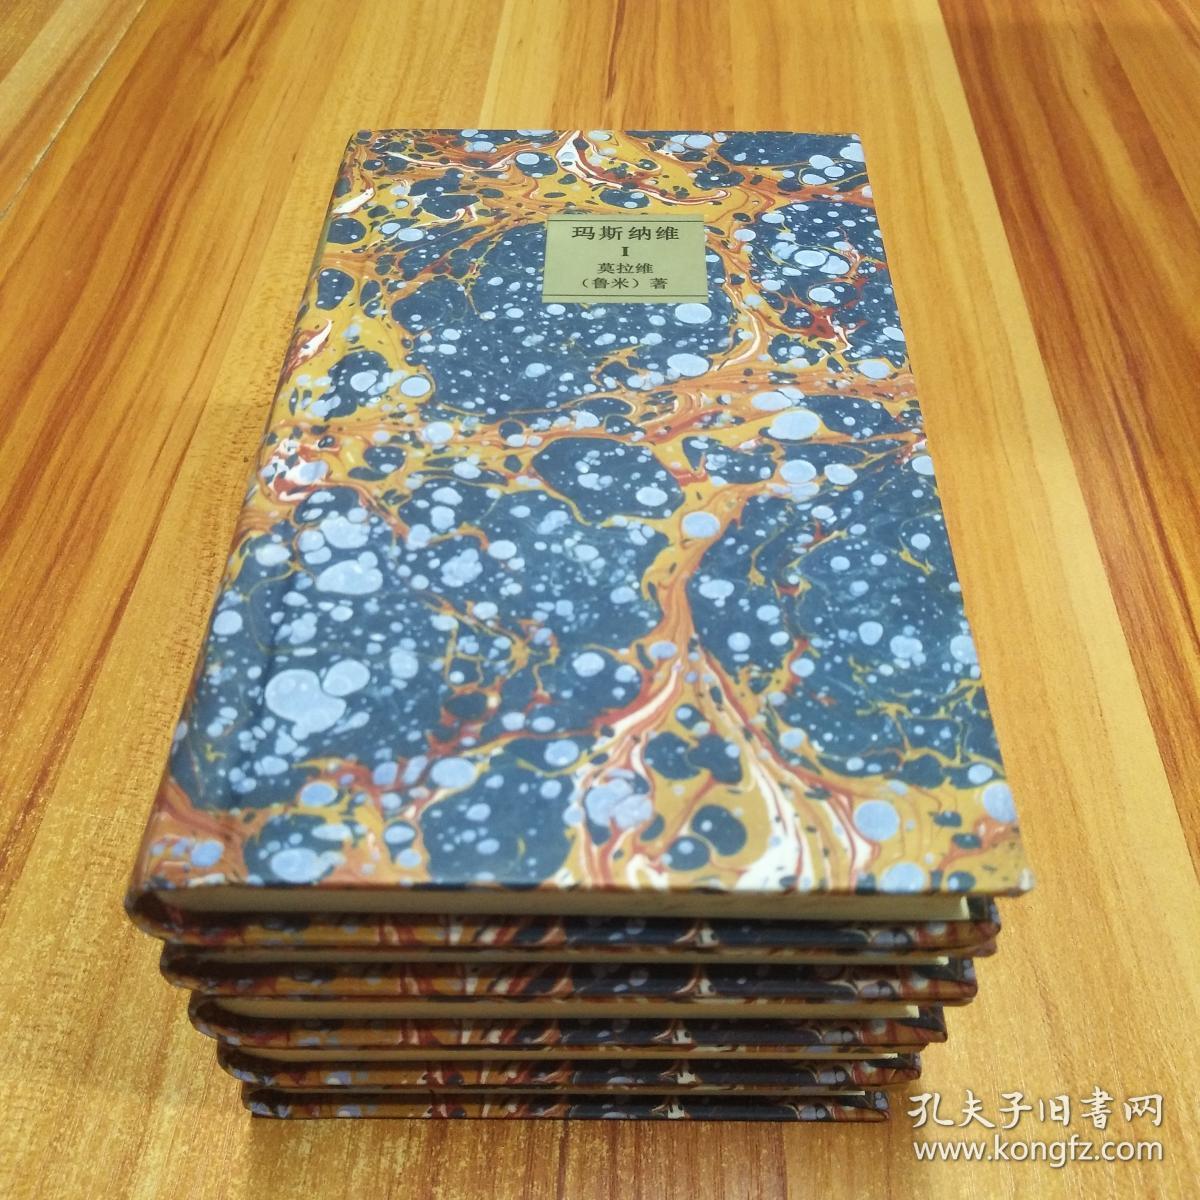 玛斯纳维 全1-6册 缺少第4册  共5册